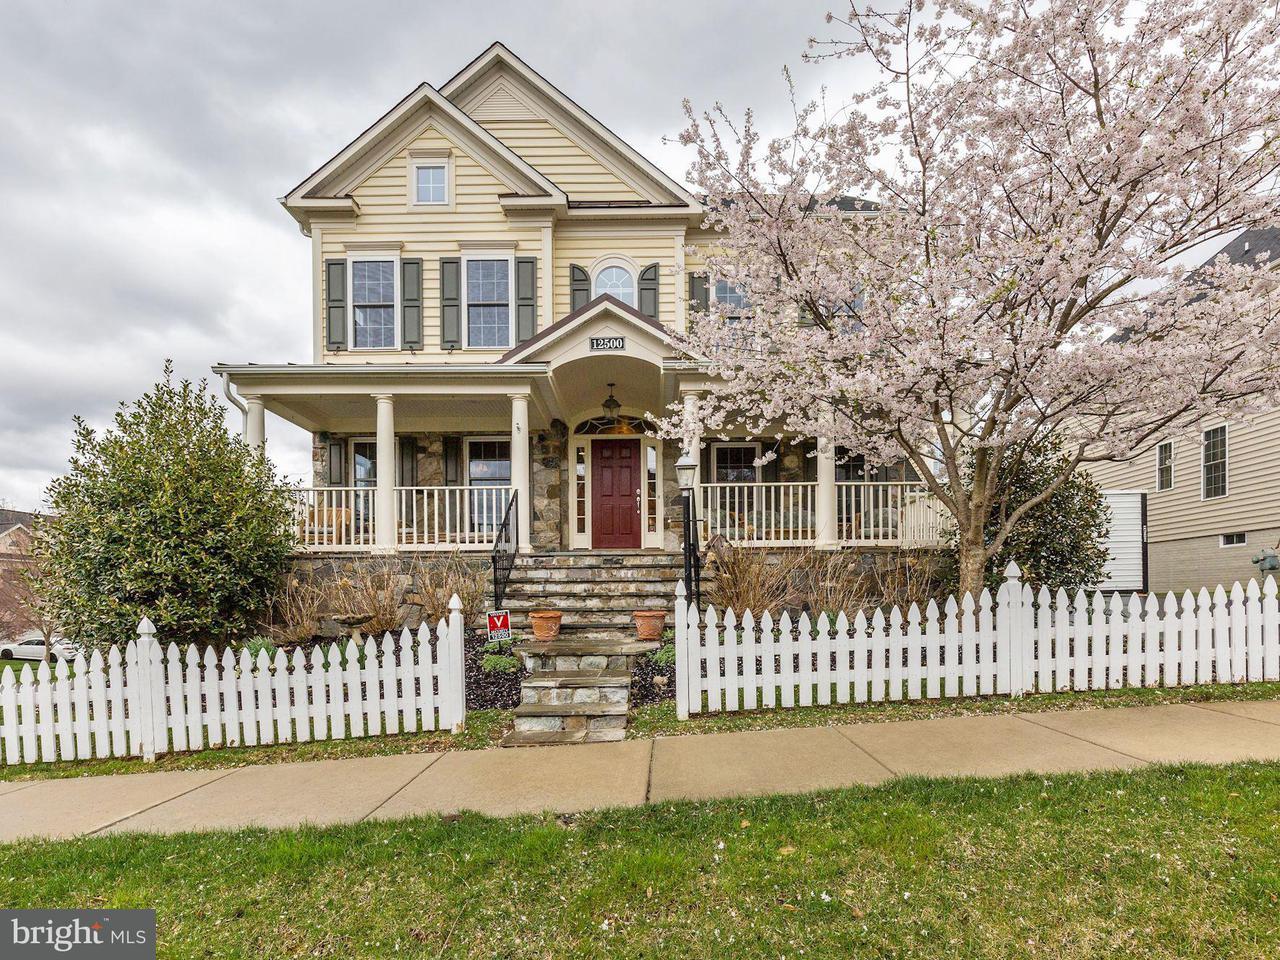 Einfamilienhaus für Verkauf beim 12500 Grand Elm Street 12500 Grand Elm Street Clarksburg, Maryland 20871 Vereinigte Staaten